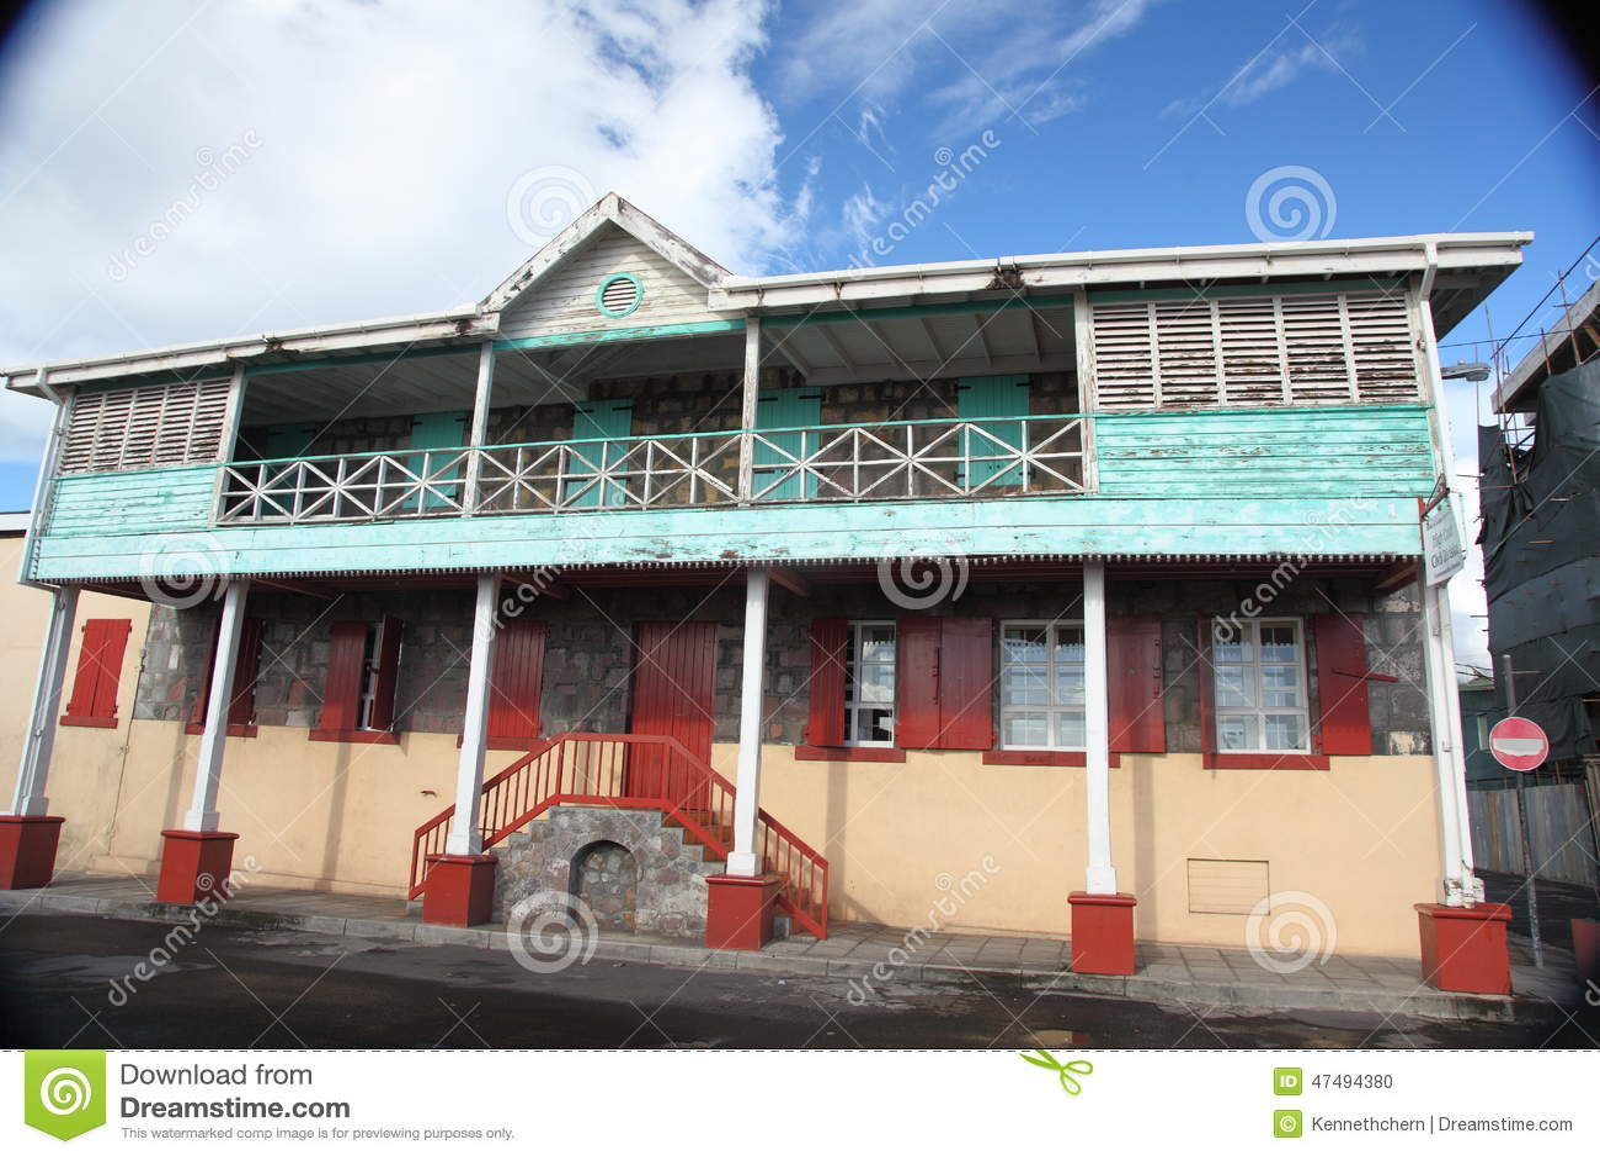 Architektura budynki w Dominica, wyspy karaibskie